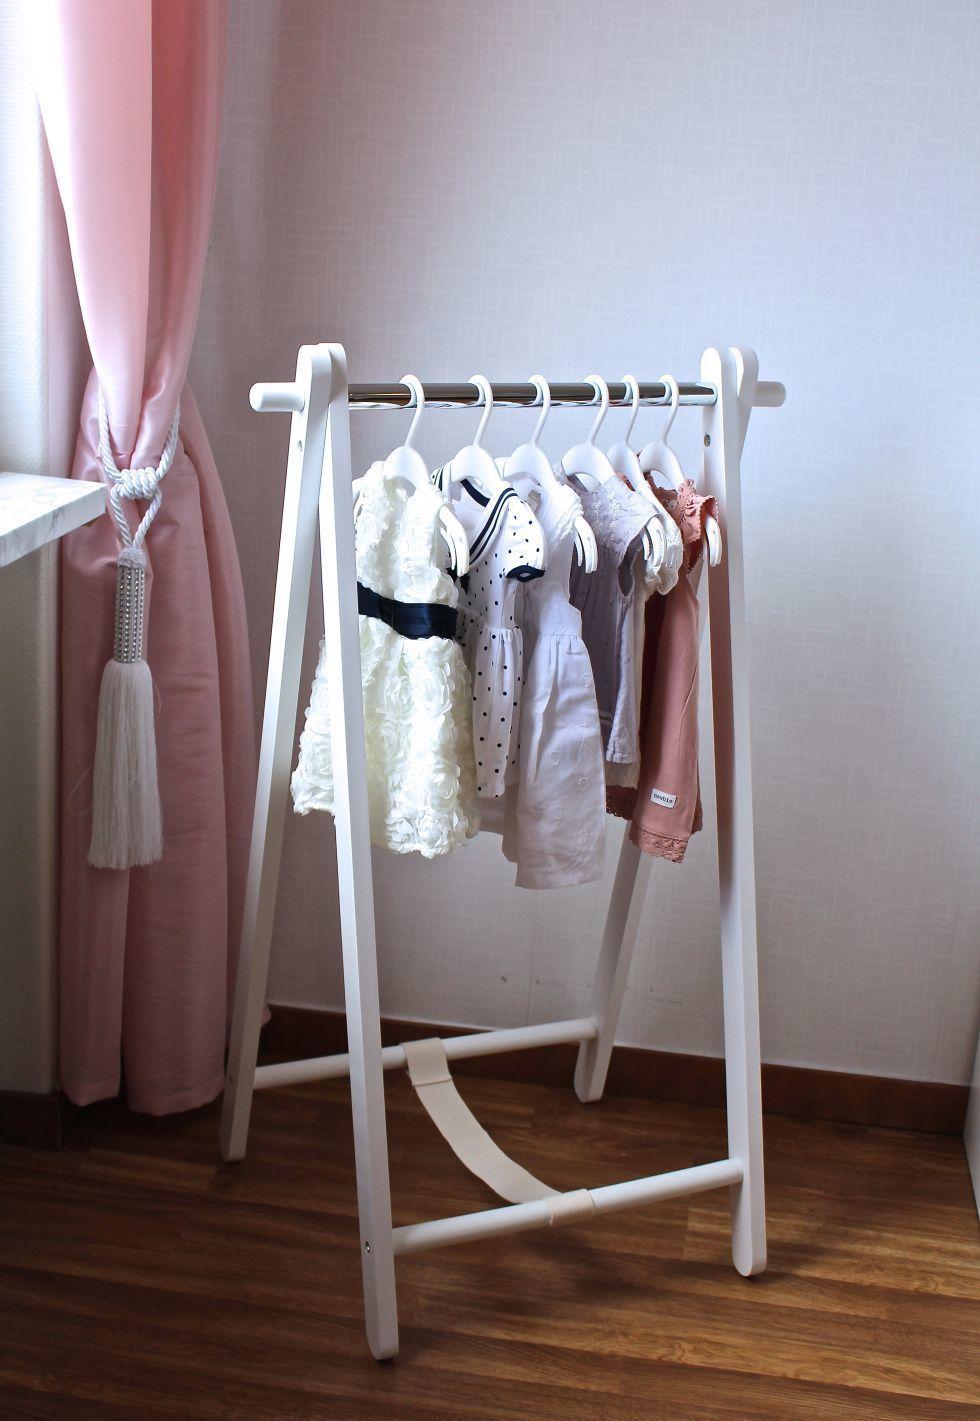 klädhängare mio Sök på Google Babyrum Pinterest Babyrum, Sök och Google